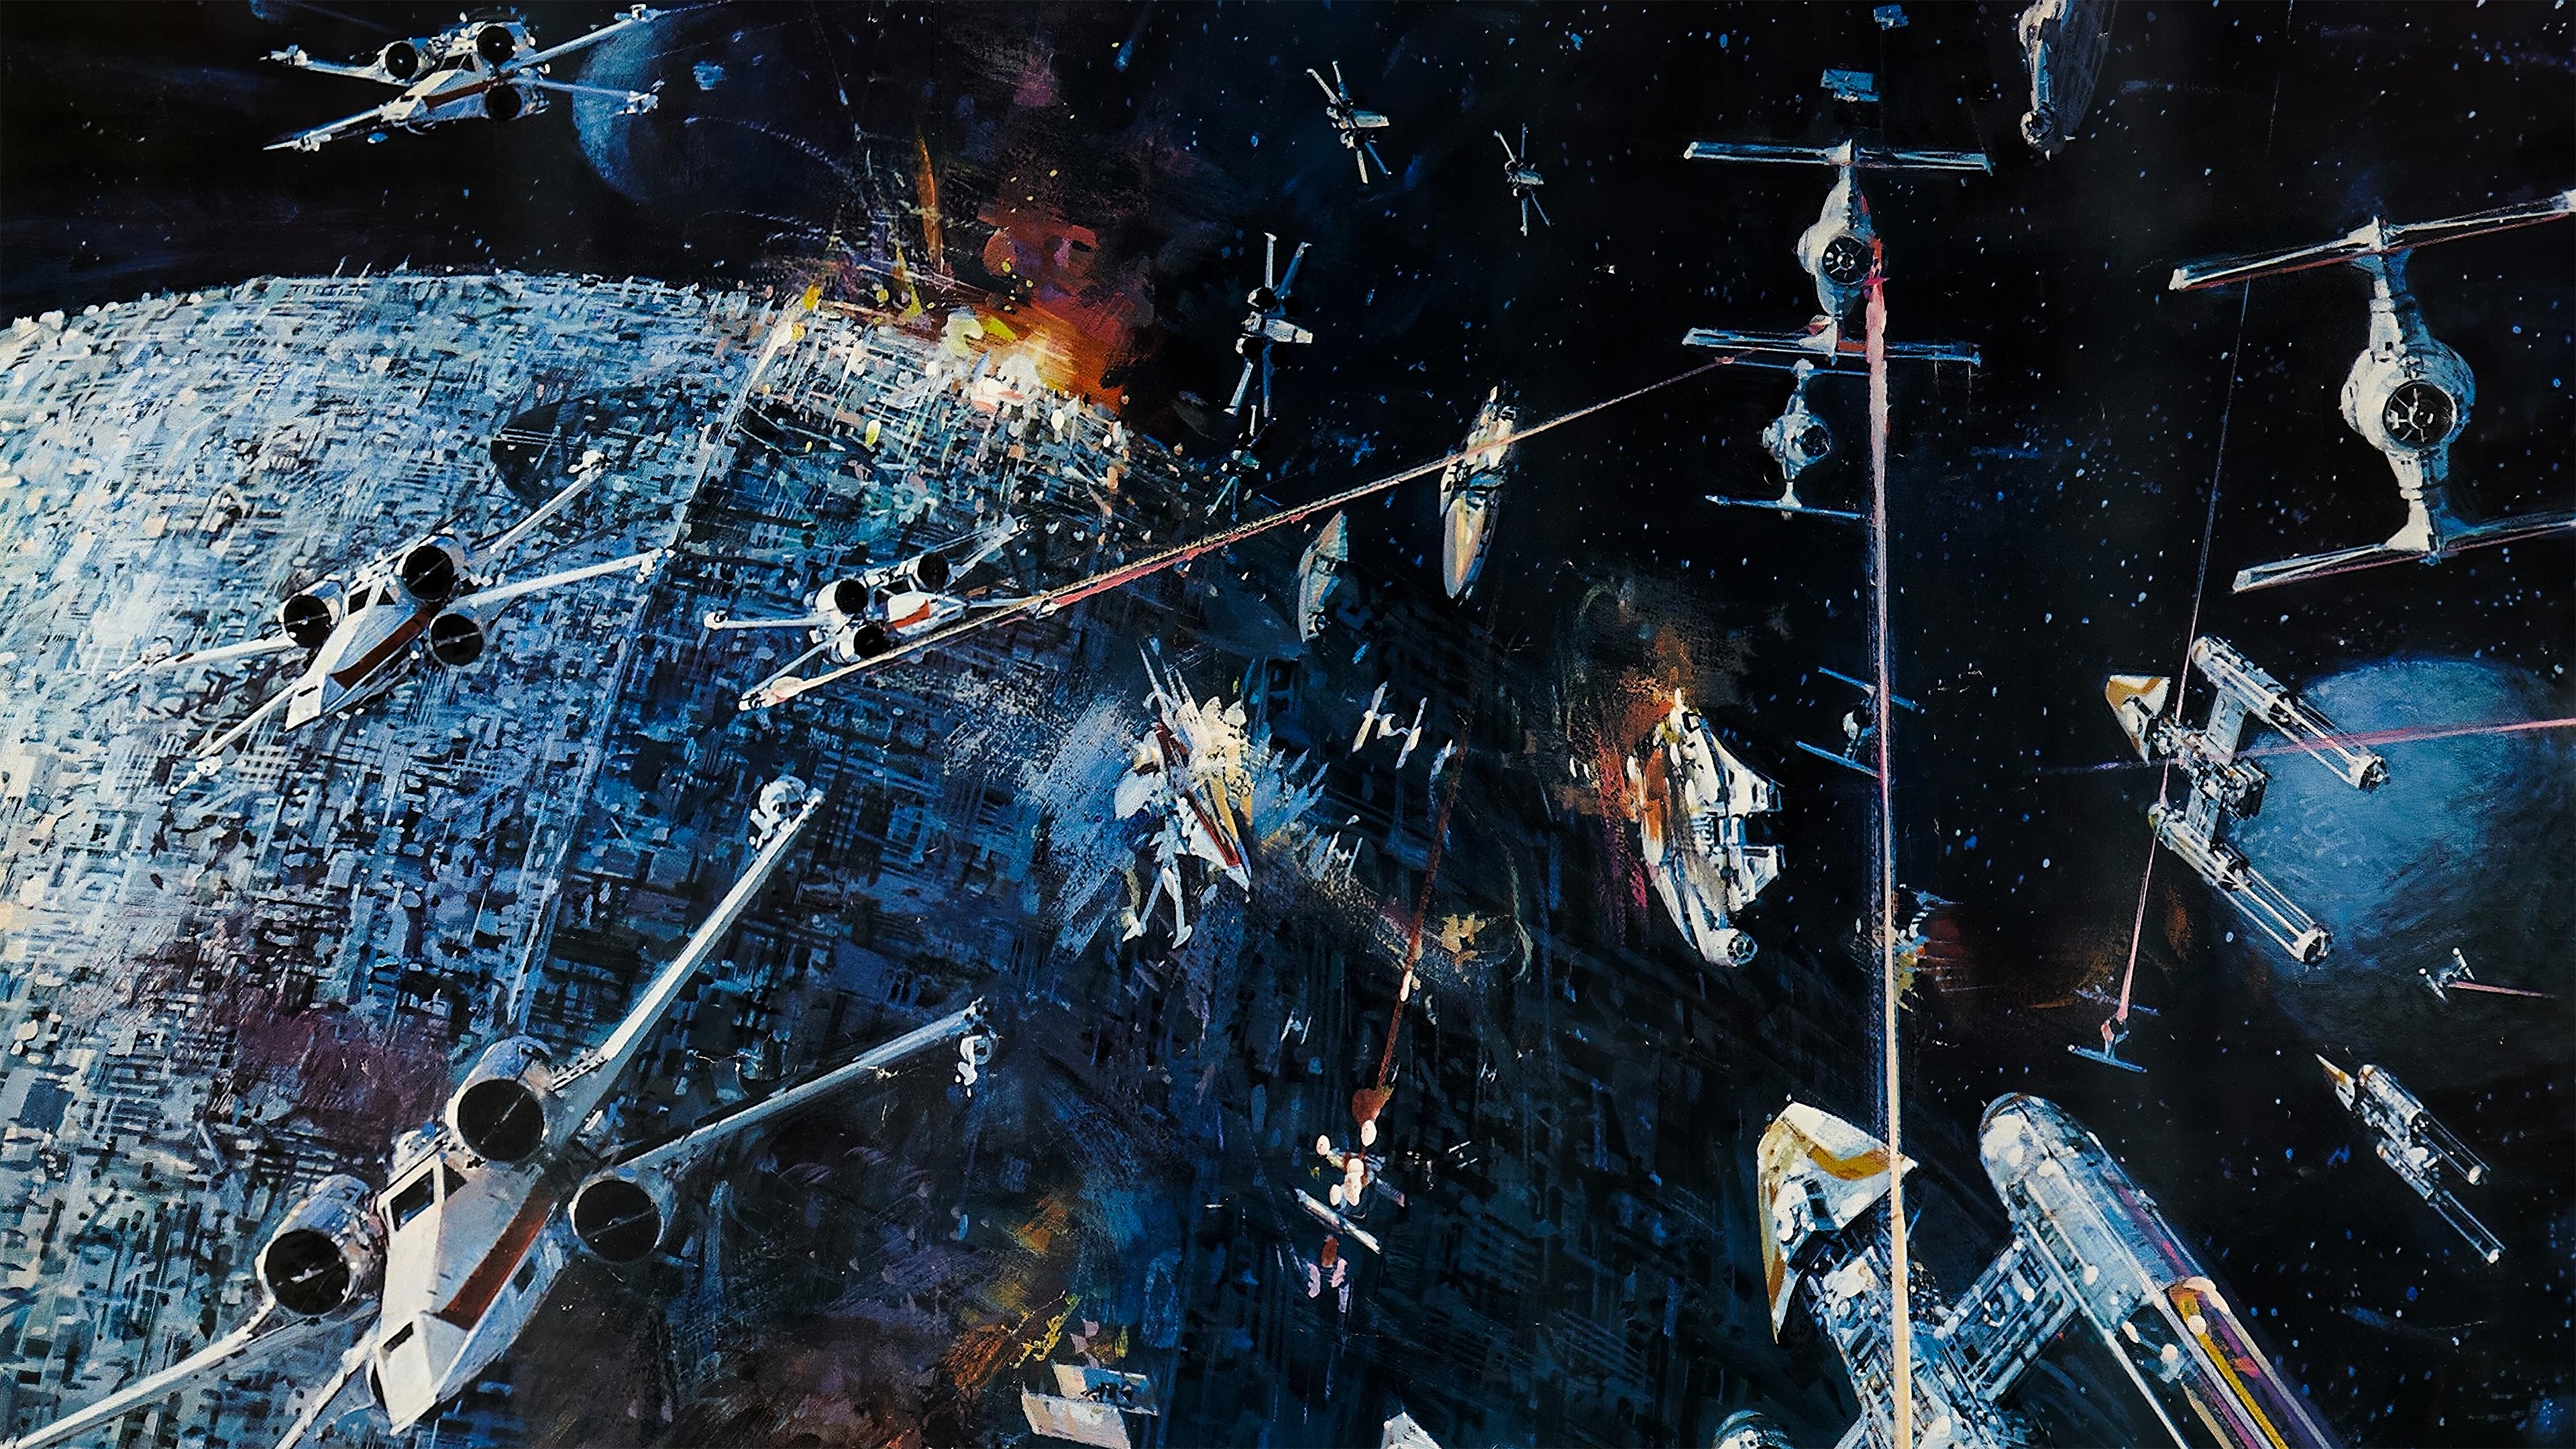 Star Wars Poster 4k 3840x2160 Wallpaper Teahub Io